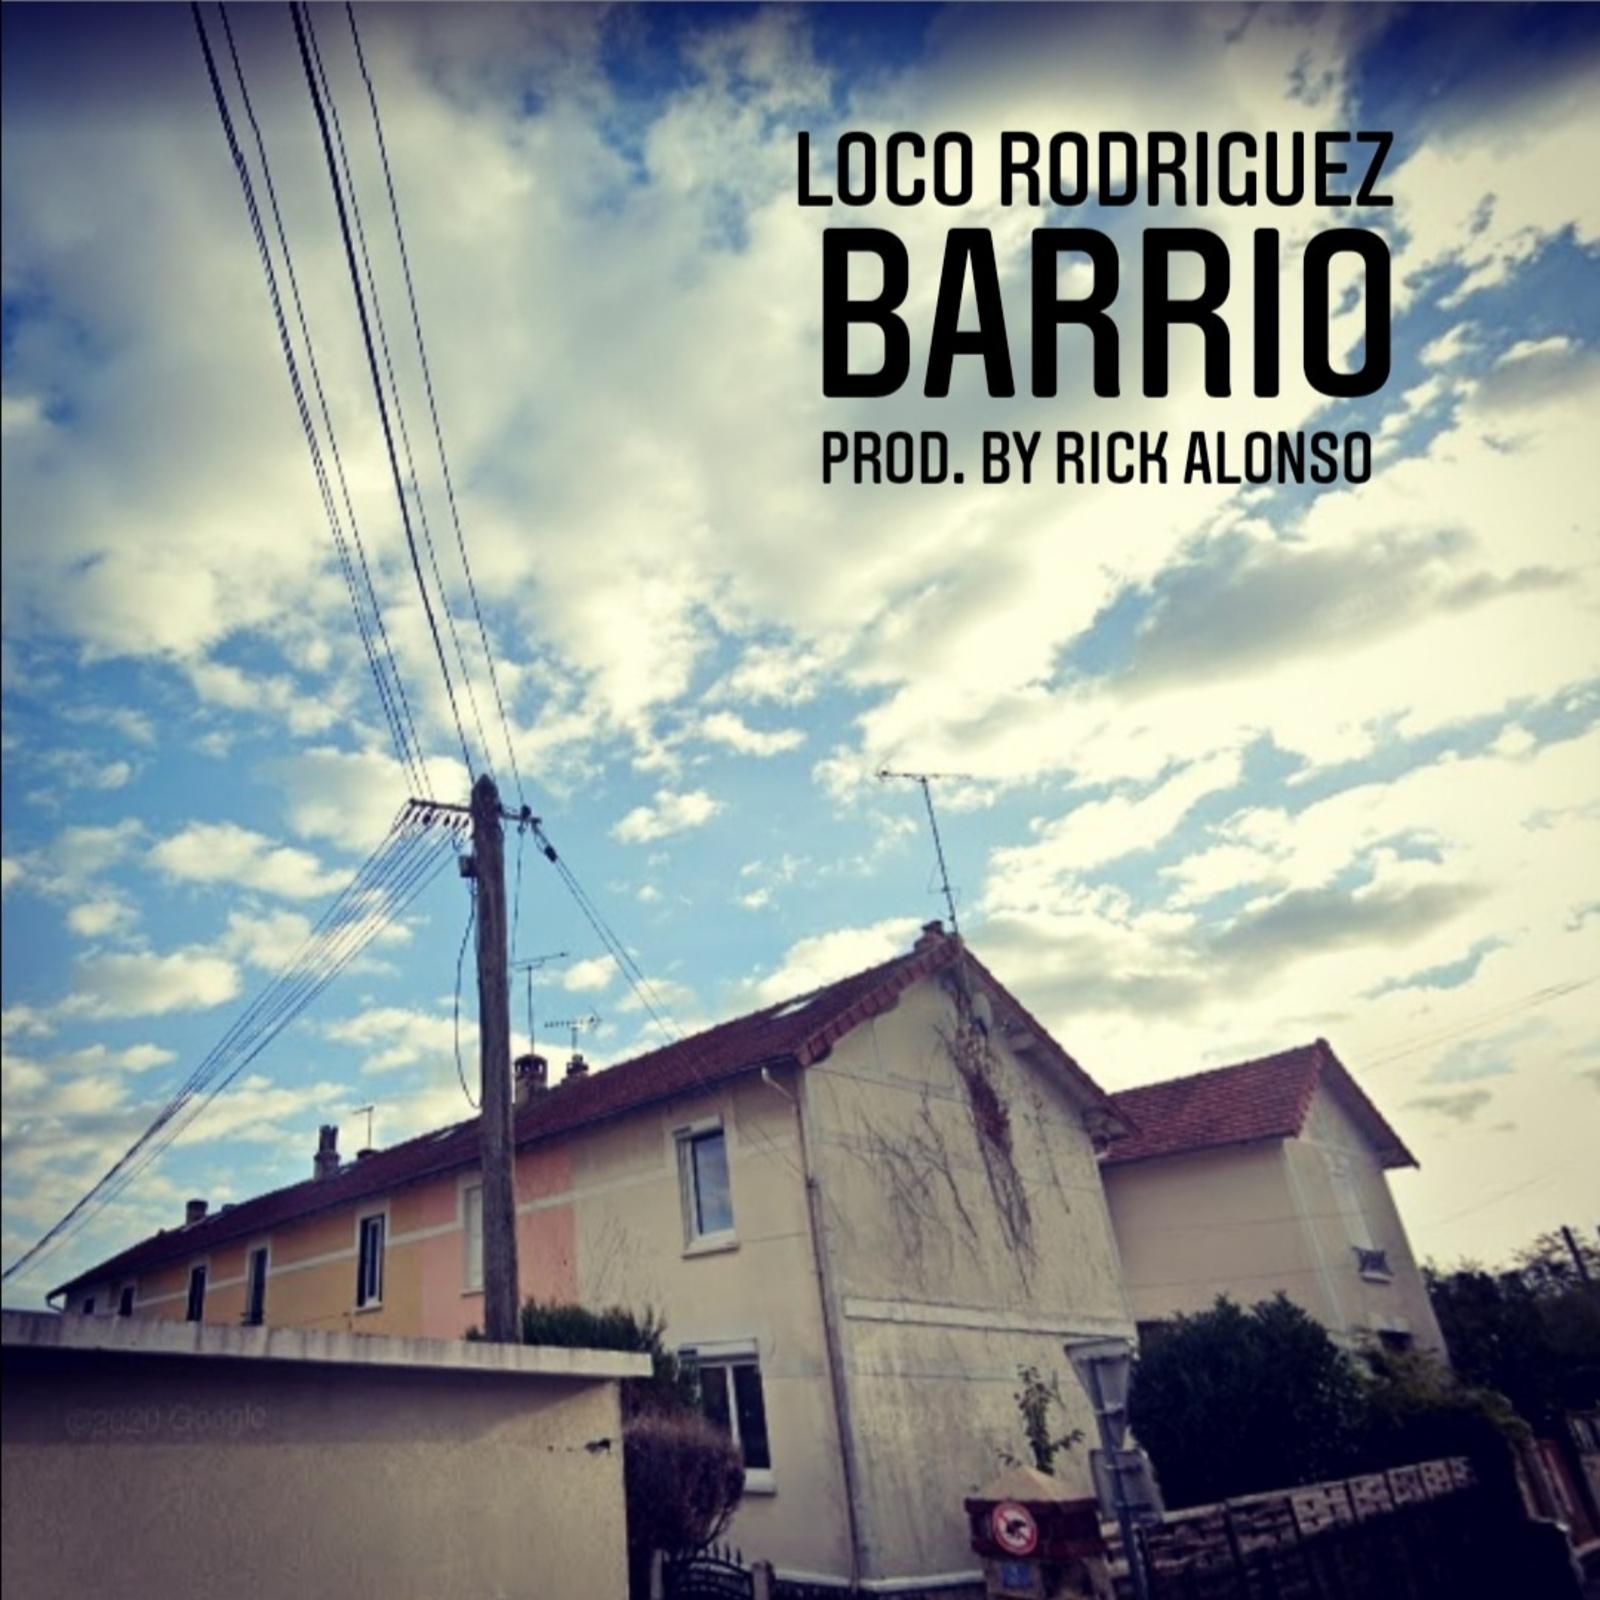 Cover du titre Barrio de Loco Rodriguez